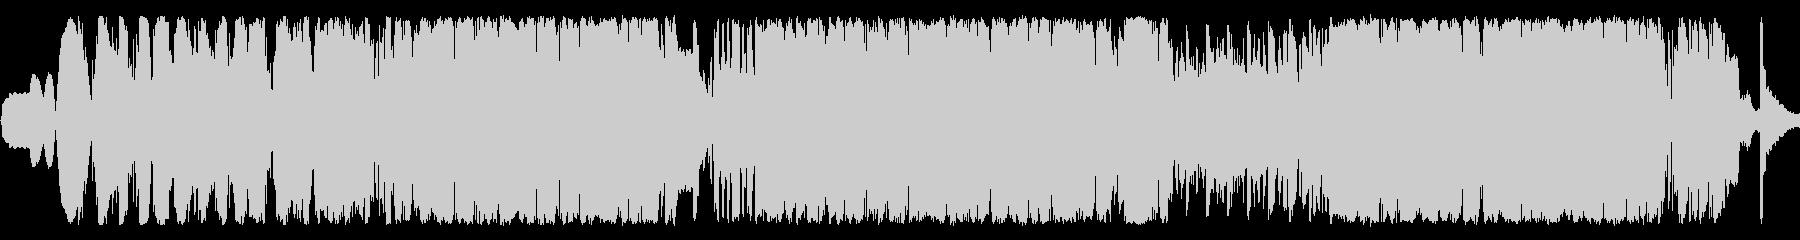 イントロスローワールドとエレクトロ...の未再生の波形